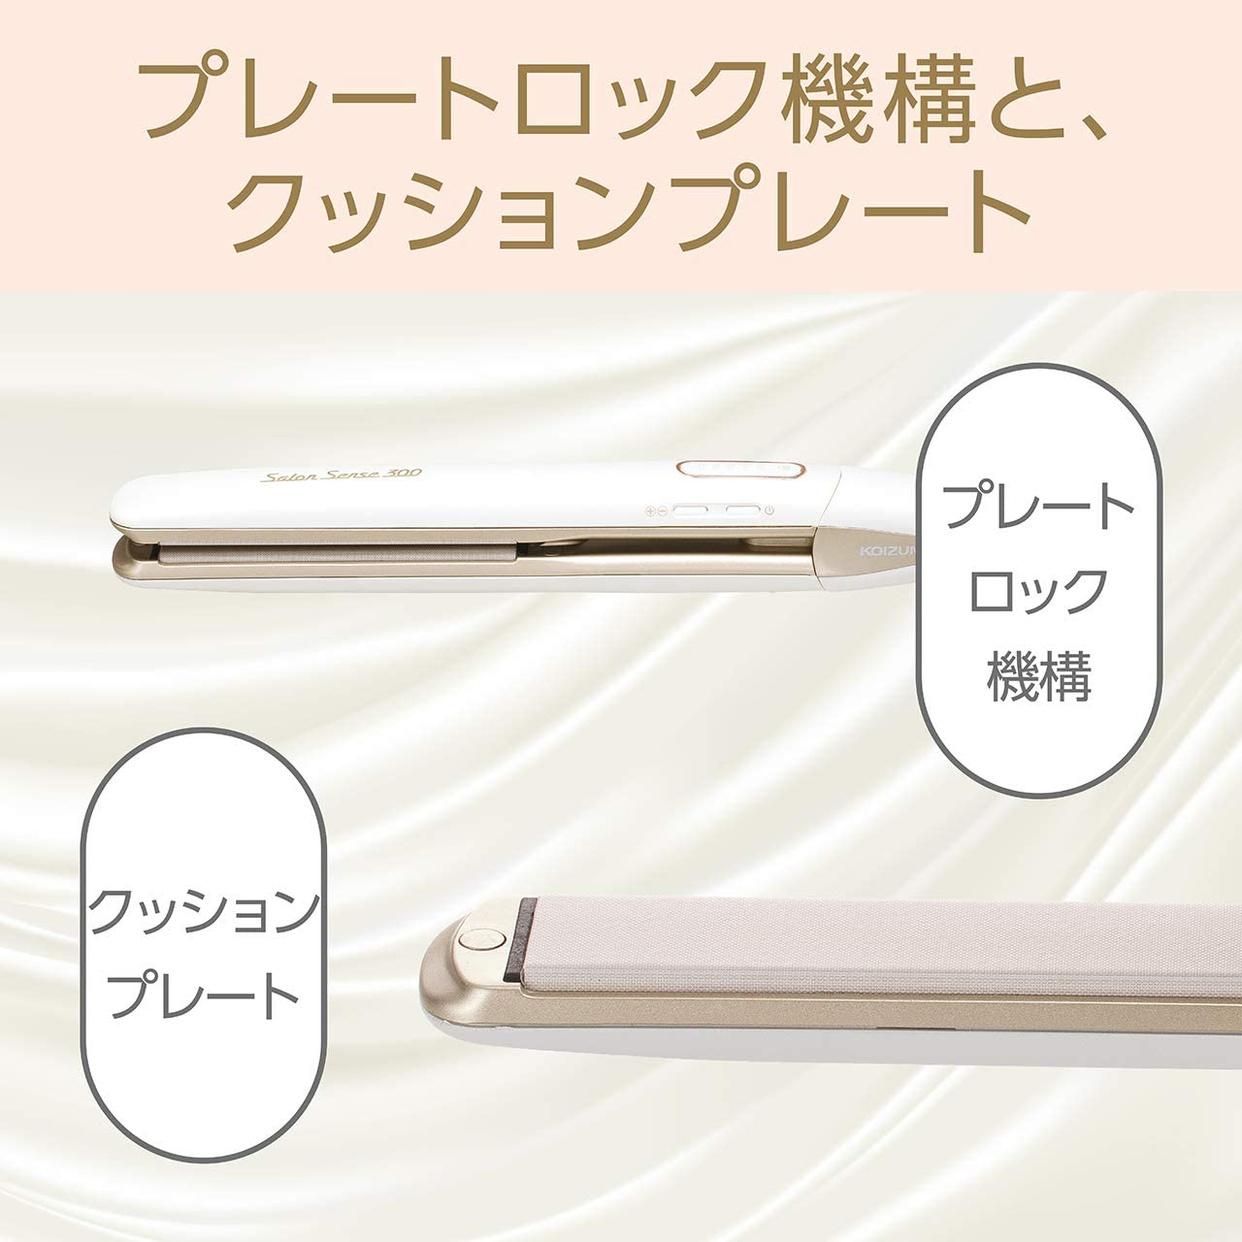 KOIZUMI(コイズミ) サロンセンス 300  マイナスイオンストレートアイロン KHS-8720の商品画像3